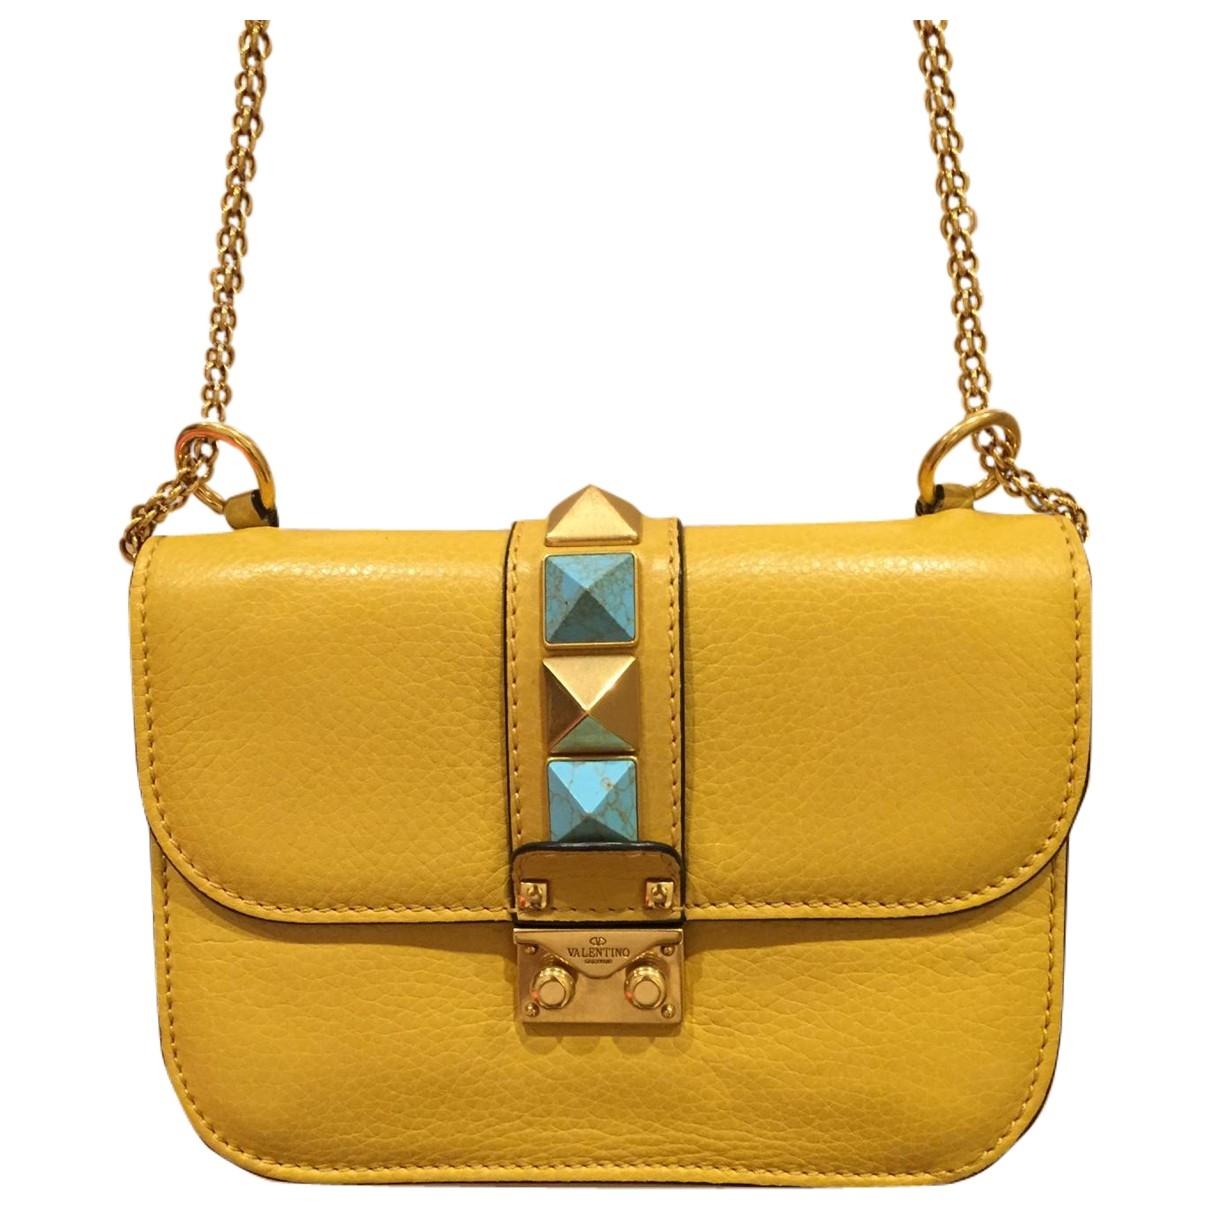 Valentino Garavani - Sac a main Glam Lock pour femme en cuir - jaune